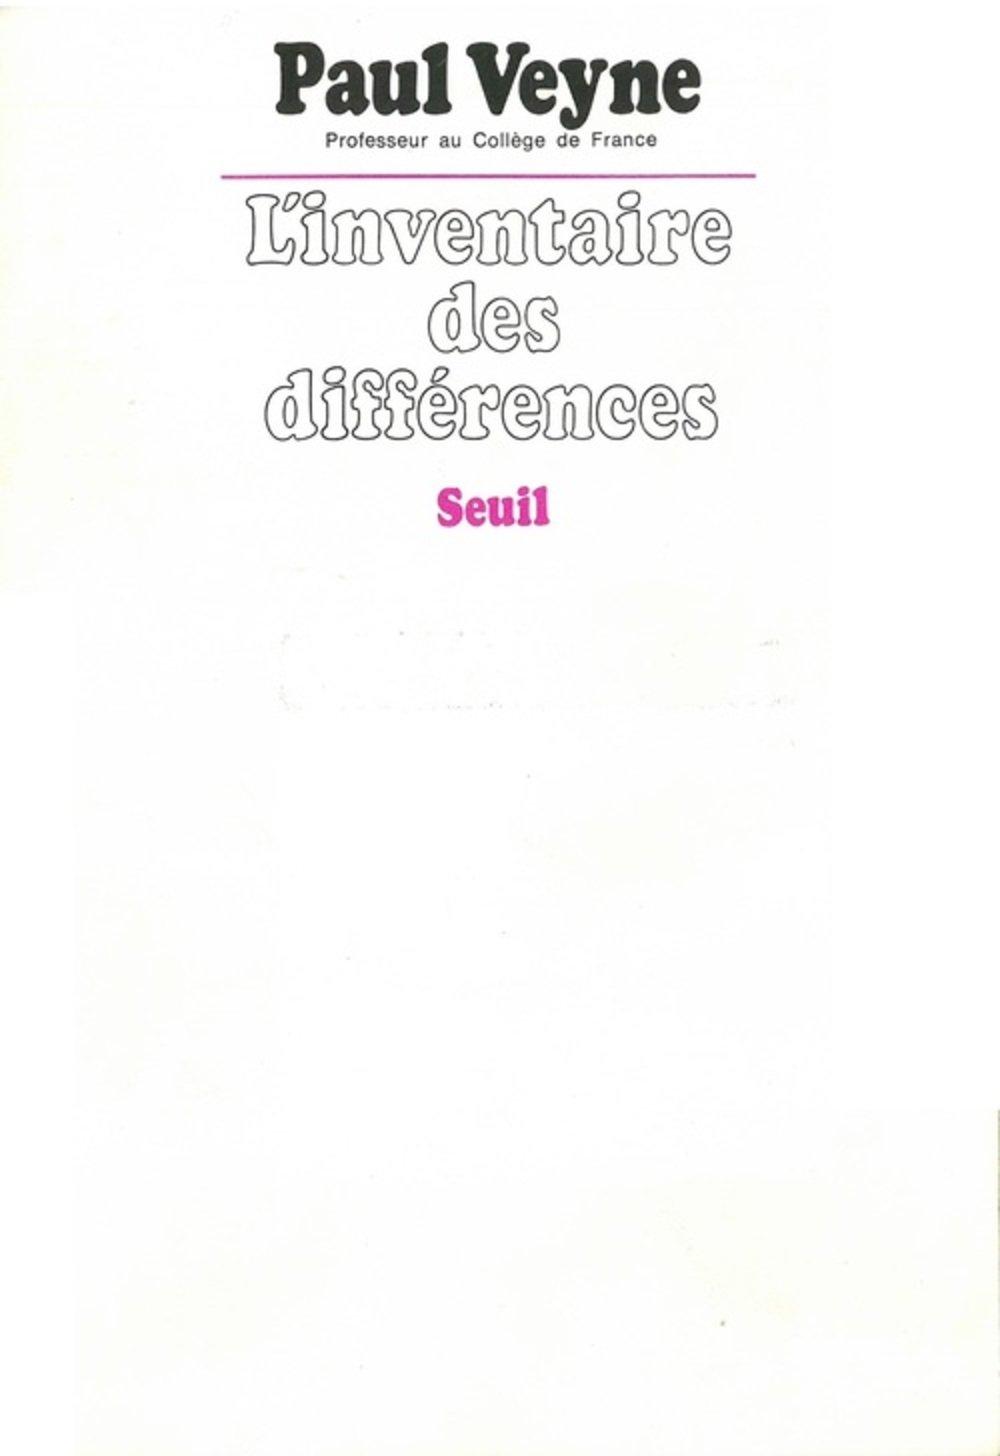 L'inventaire des différences - Paul Veyne